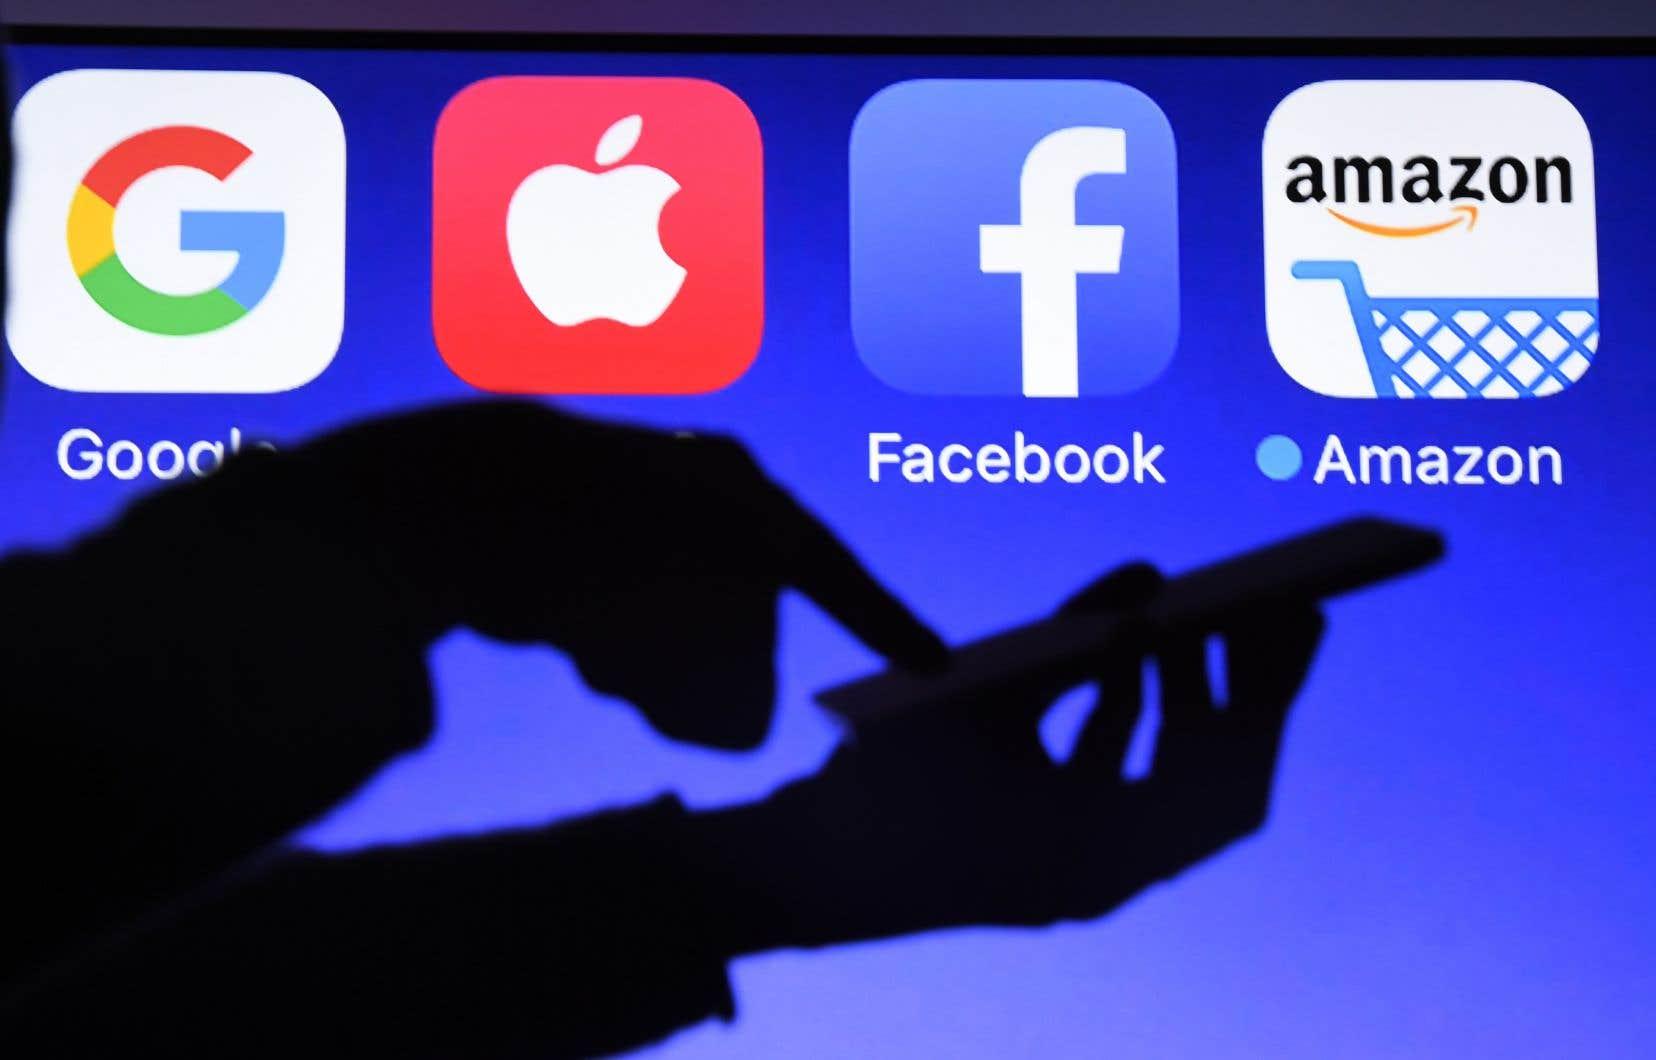 «Actuellement, contrairement aux diffuseurs traditionnels, les diffuseurs en ligne peuvent ignorer nos lois, normes et valeurs», écrit l'auteur.